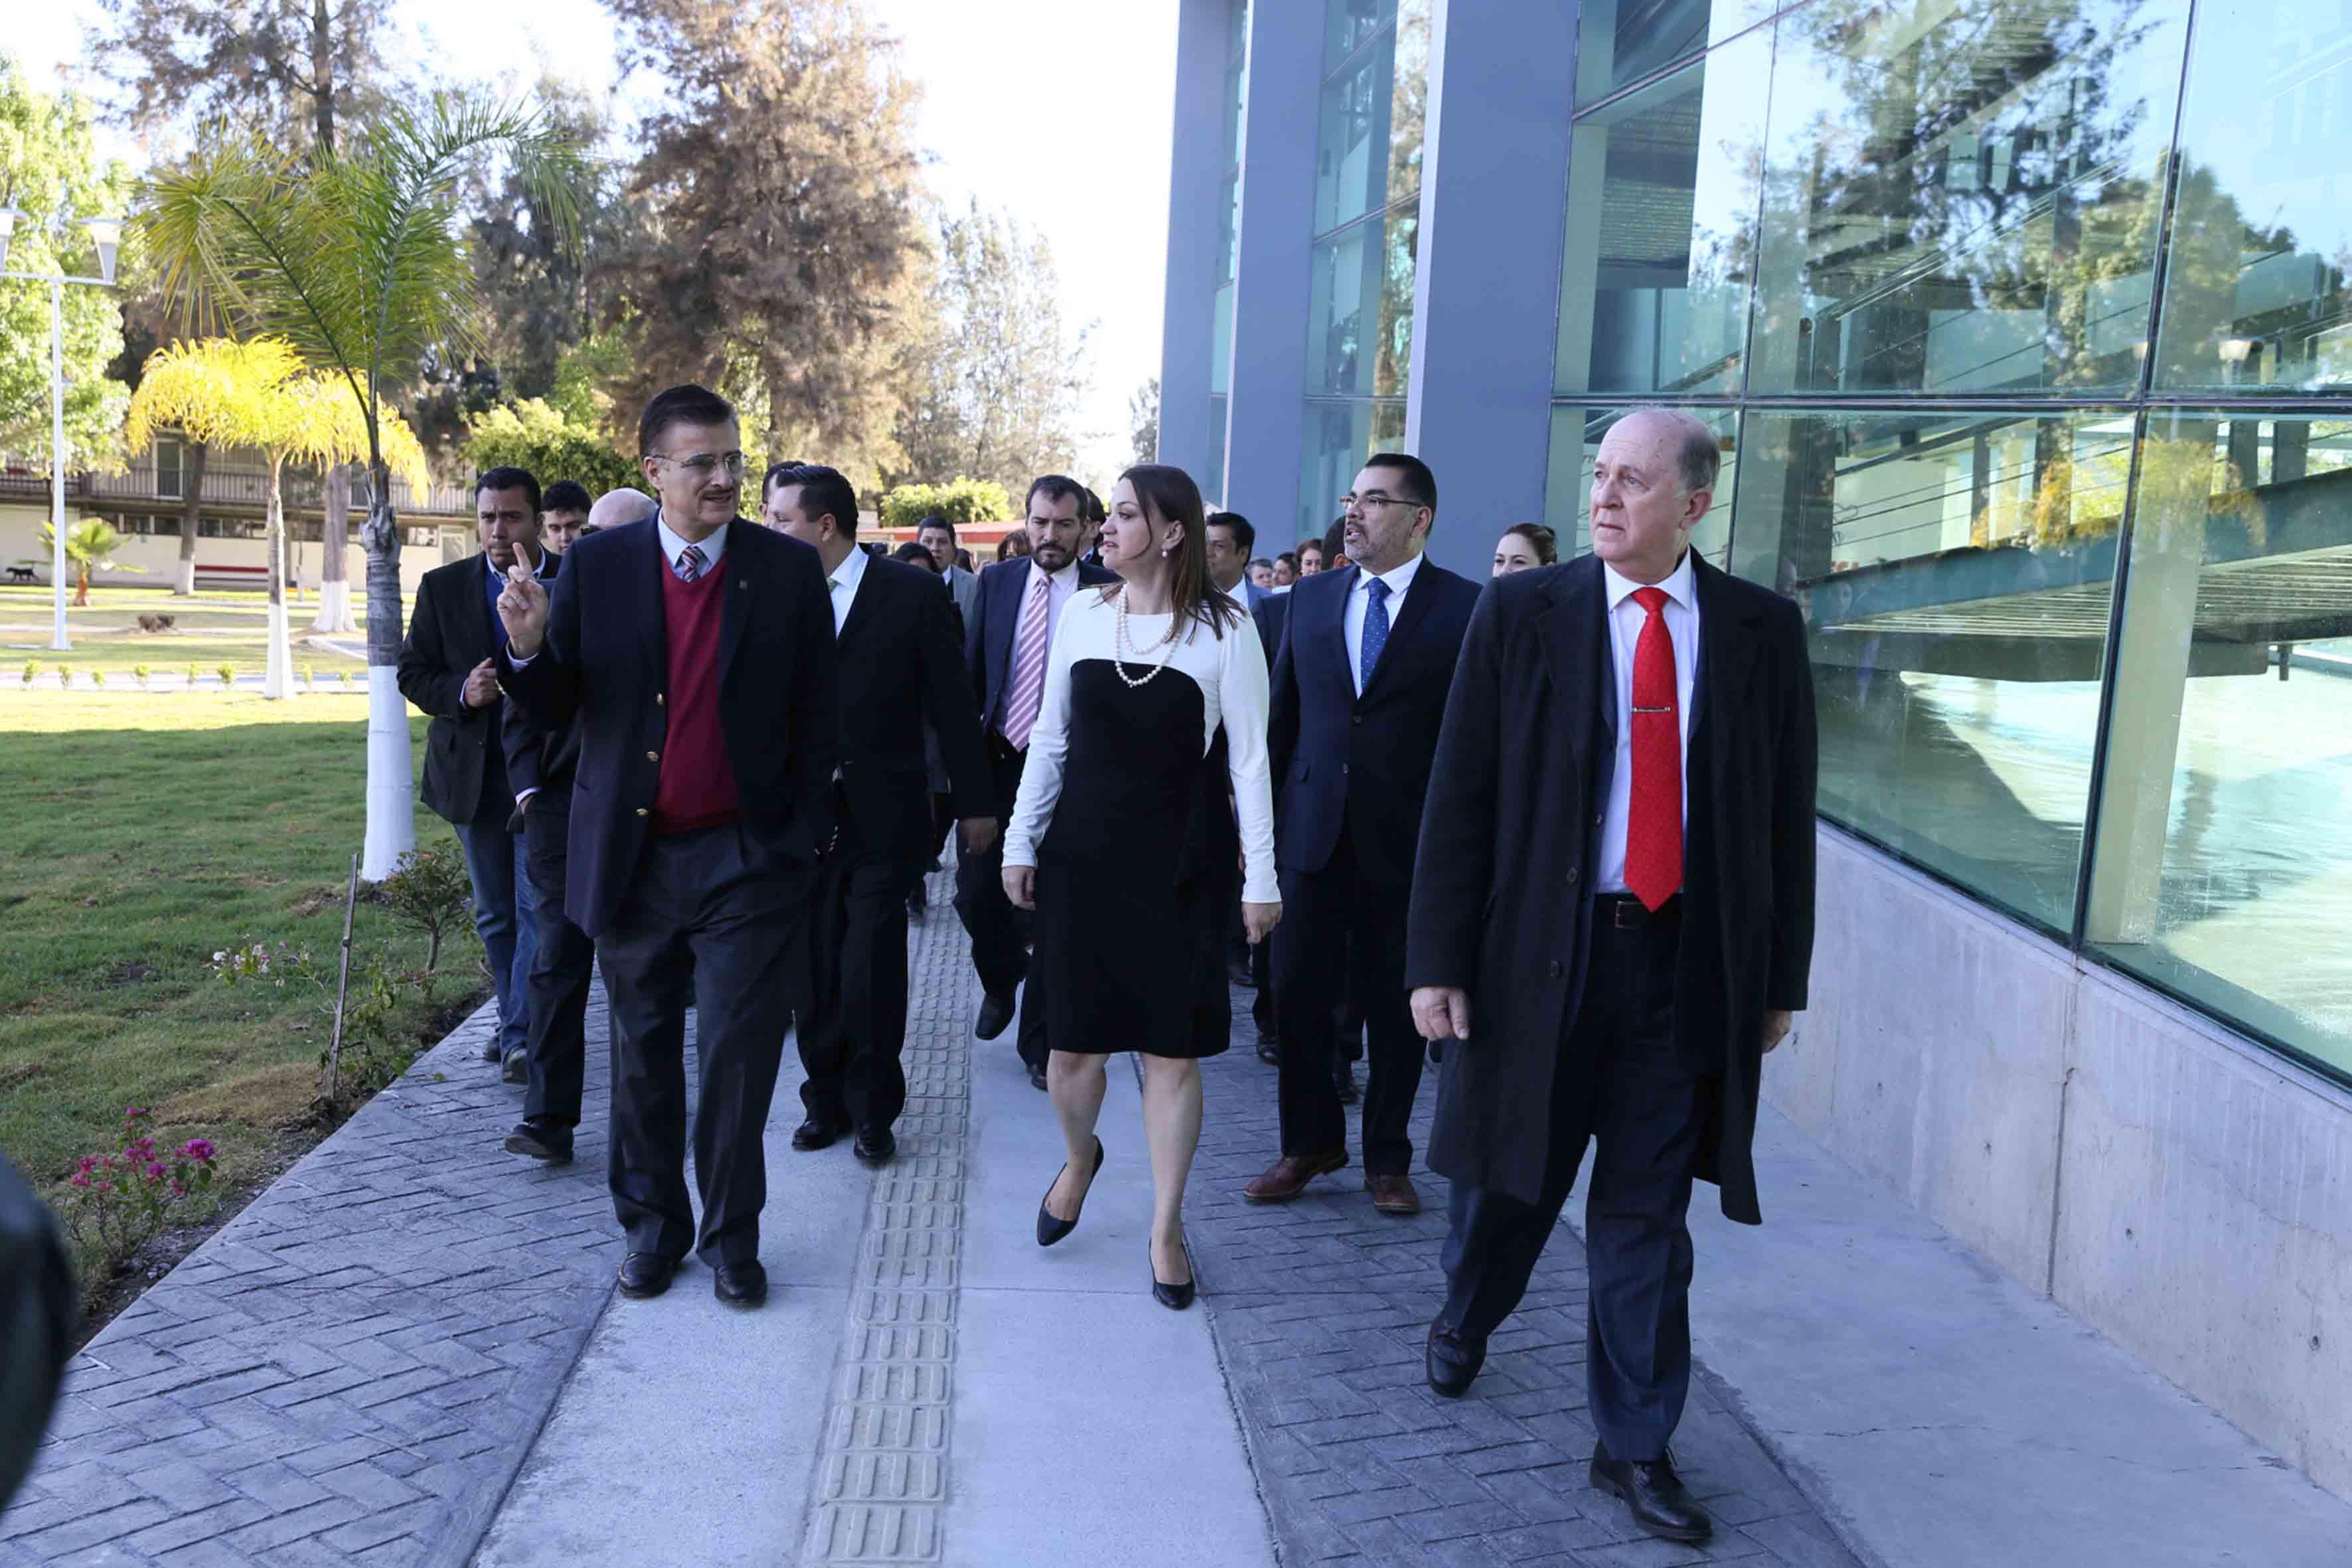 Autoridades universitarias y del CUCiénega, haciendo un recorrido por las instalaciones del centro universitario.